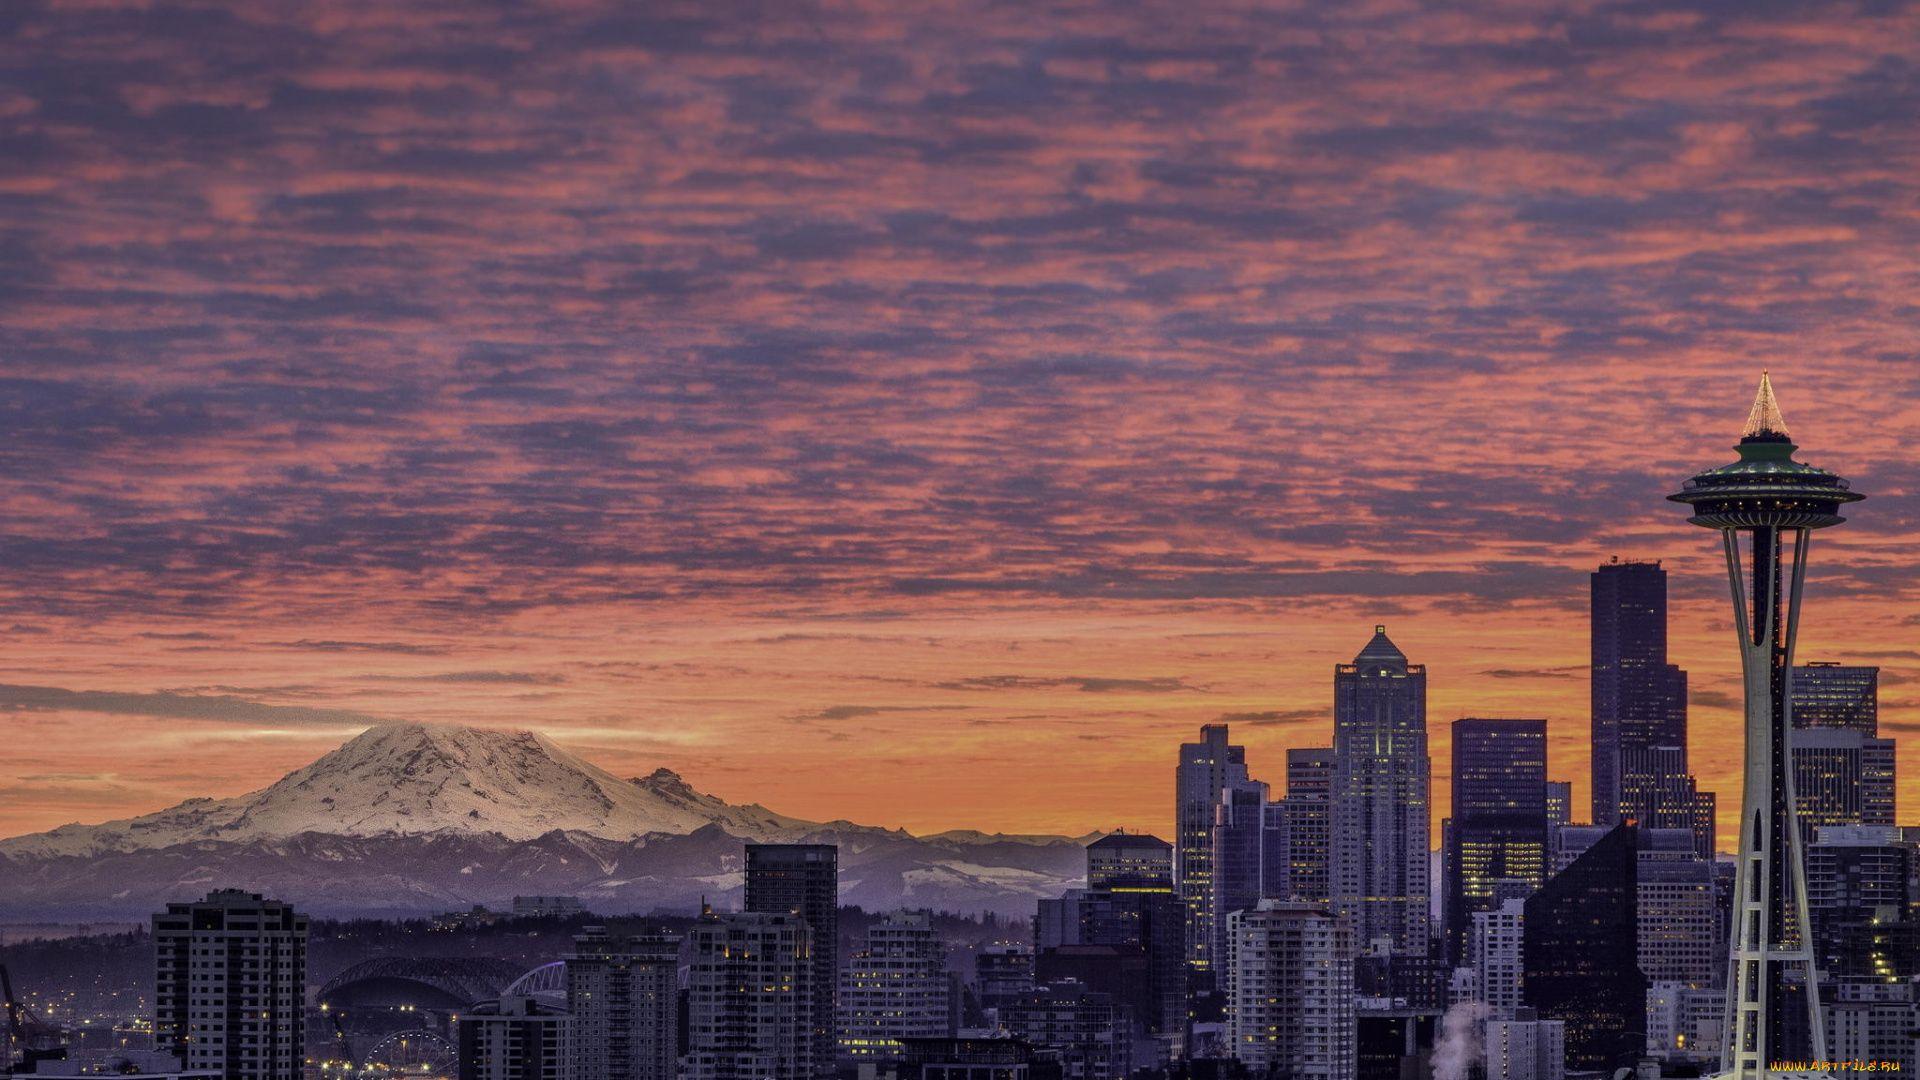 Seattle wallpaper hd